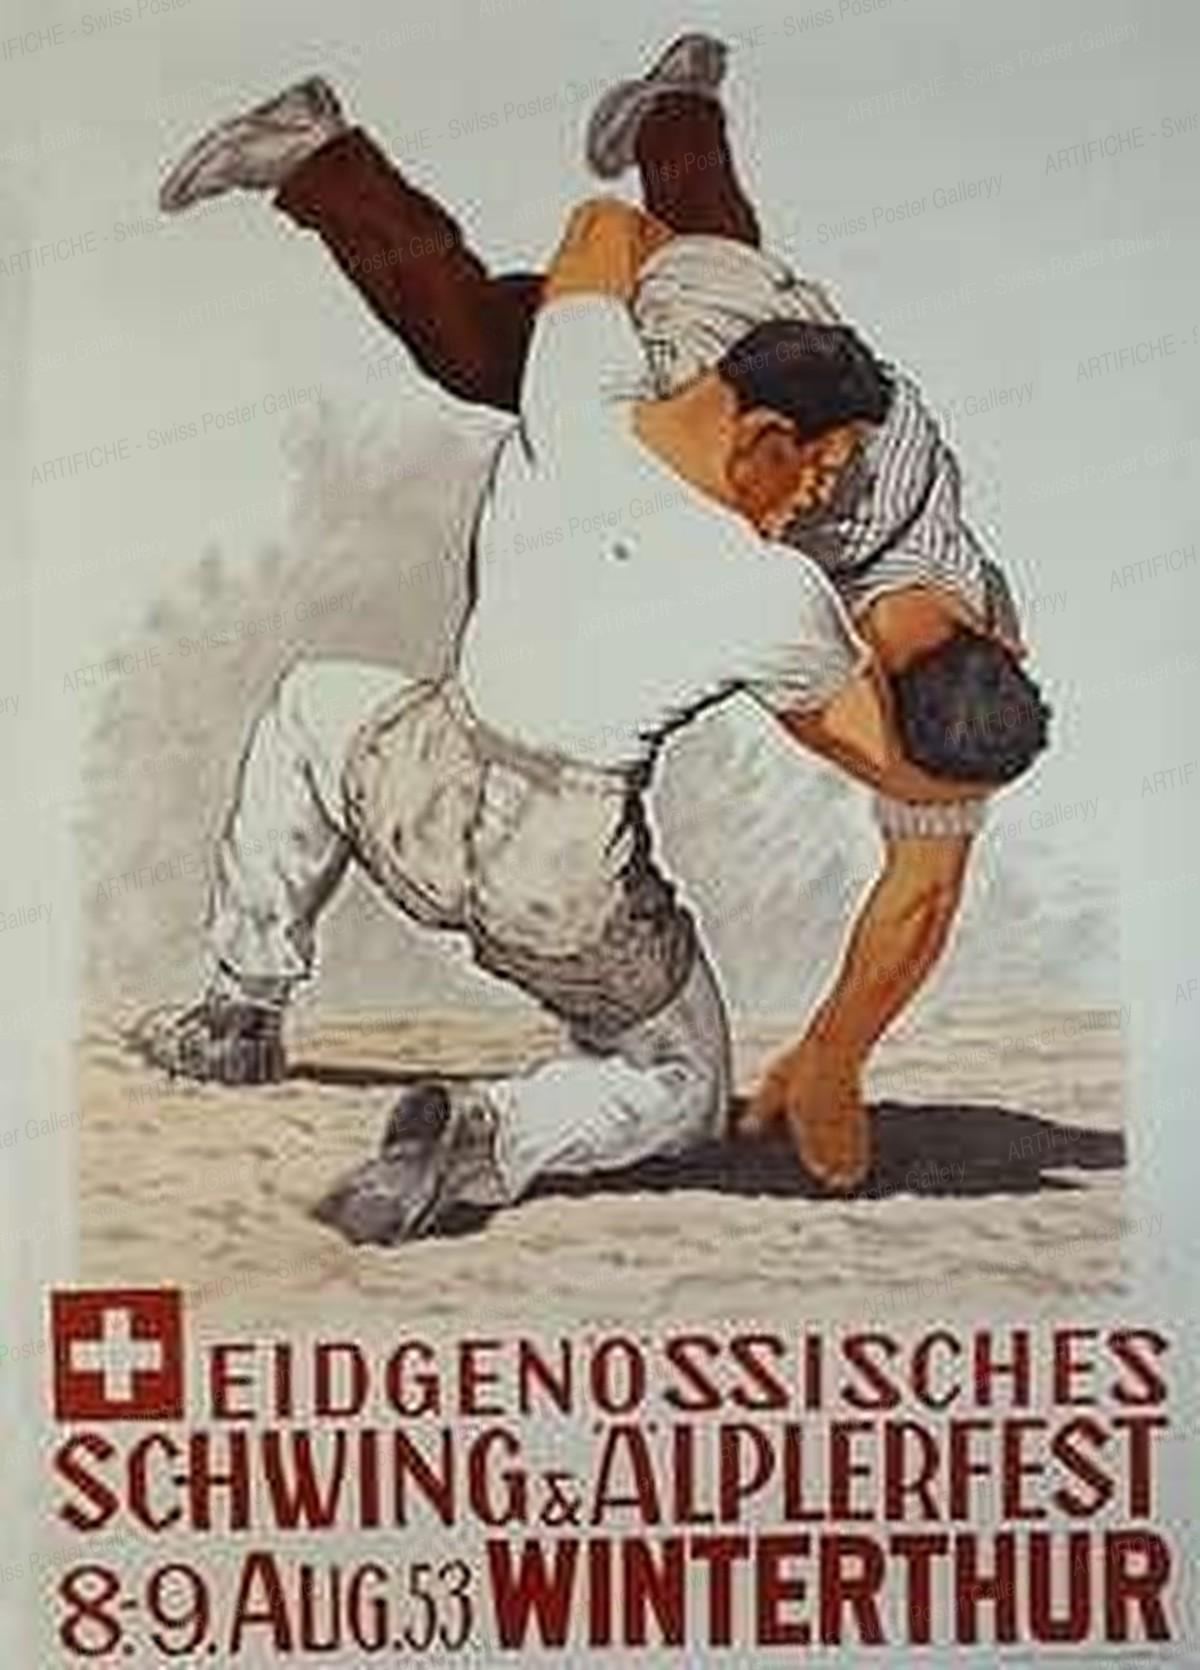 Eidgenössisches Schwing- & Älplerfest Winterthur 1953, Carl Rüttimann